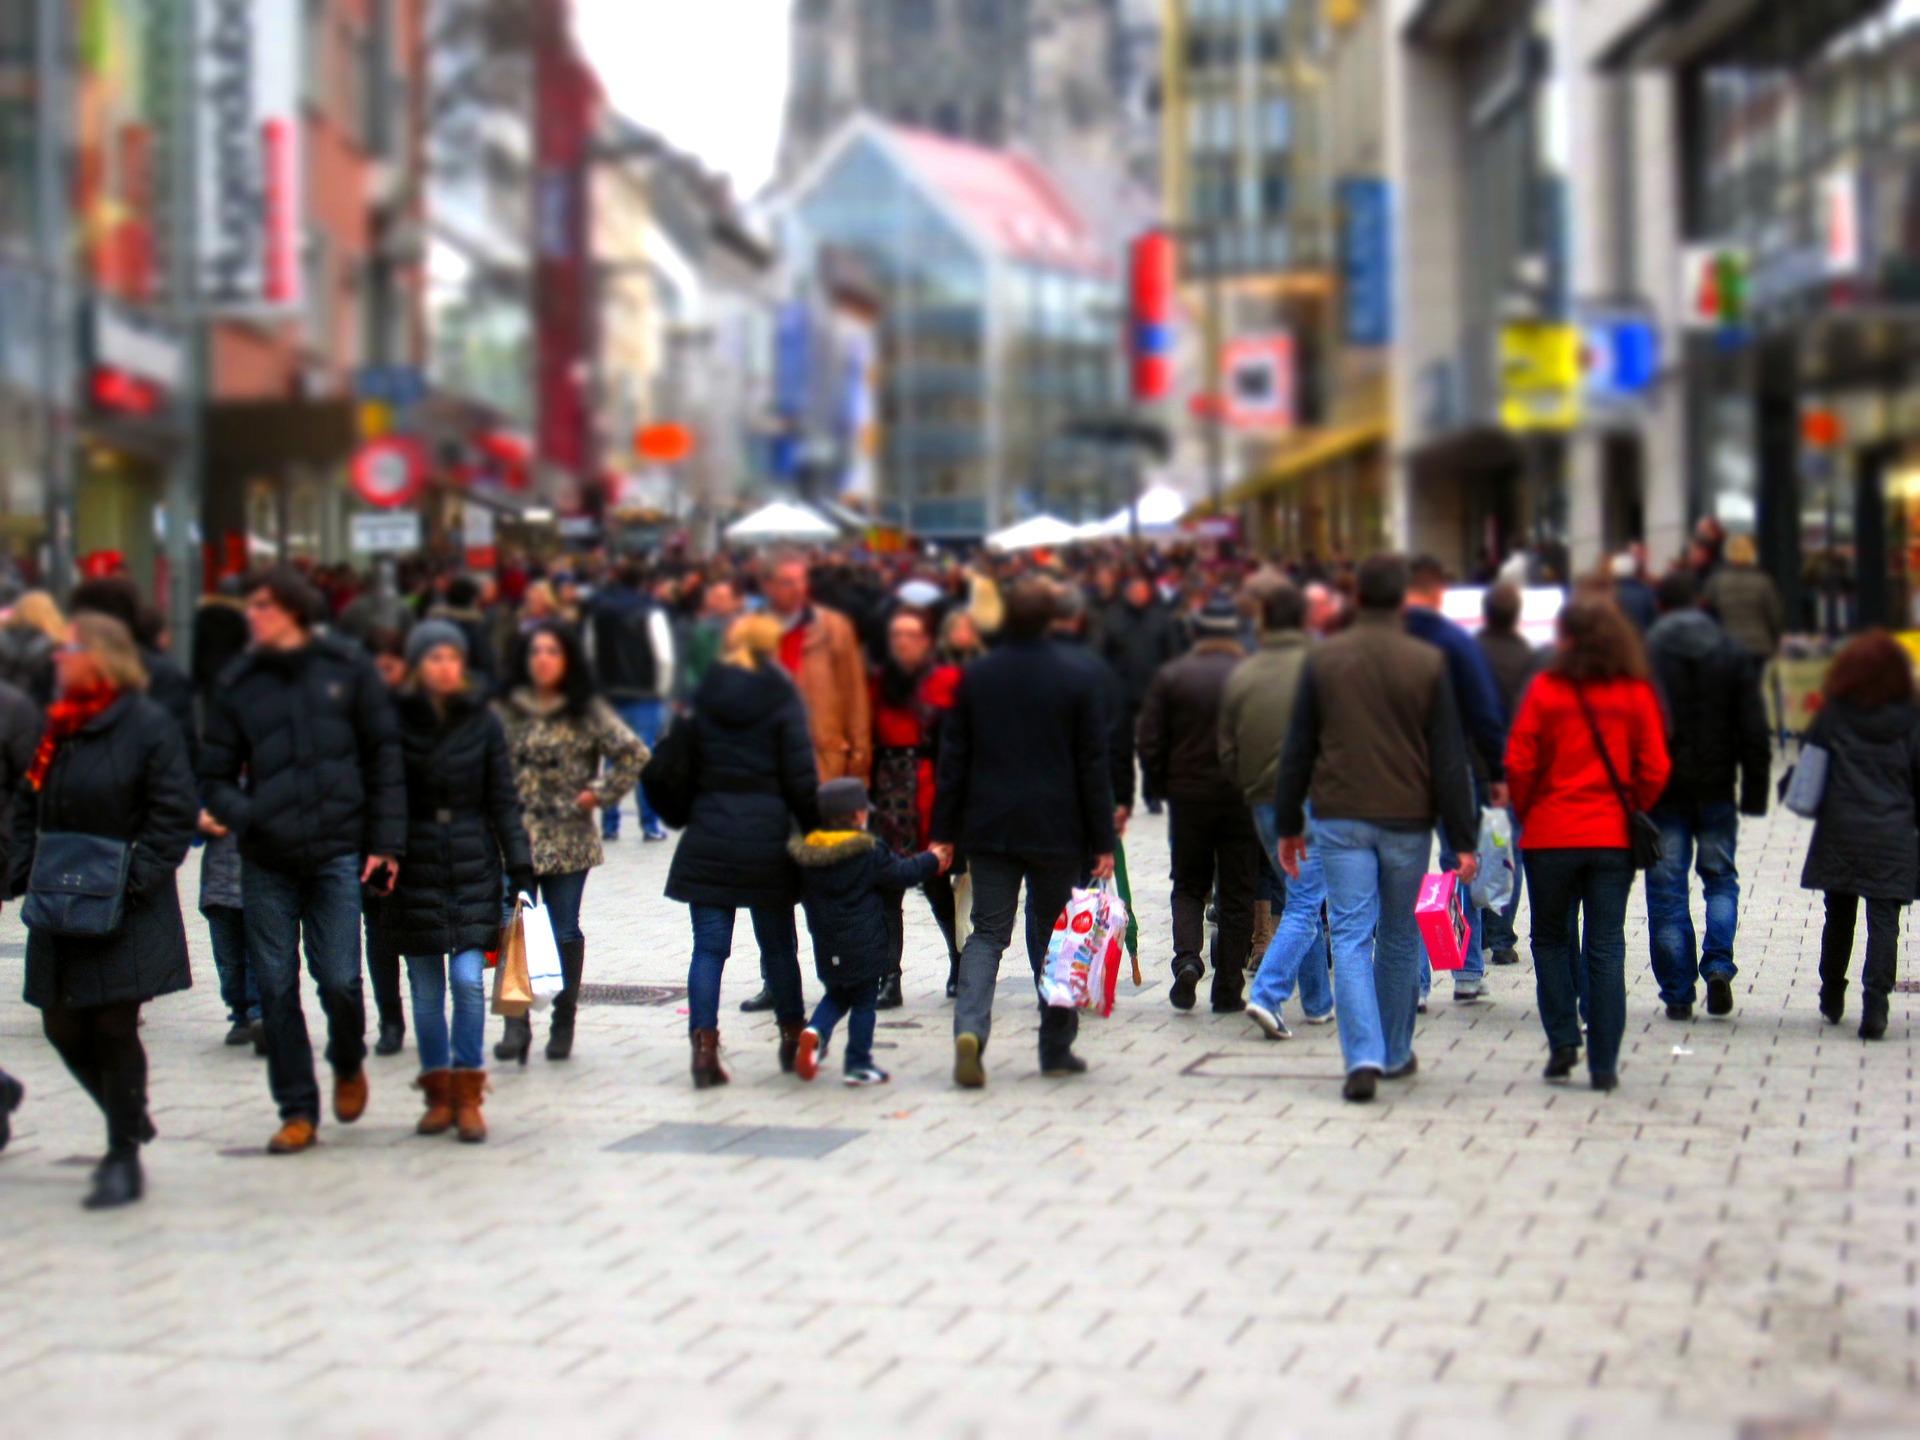 商品が同質化していく時代に、リアル店舗ができることは?